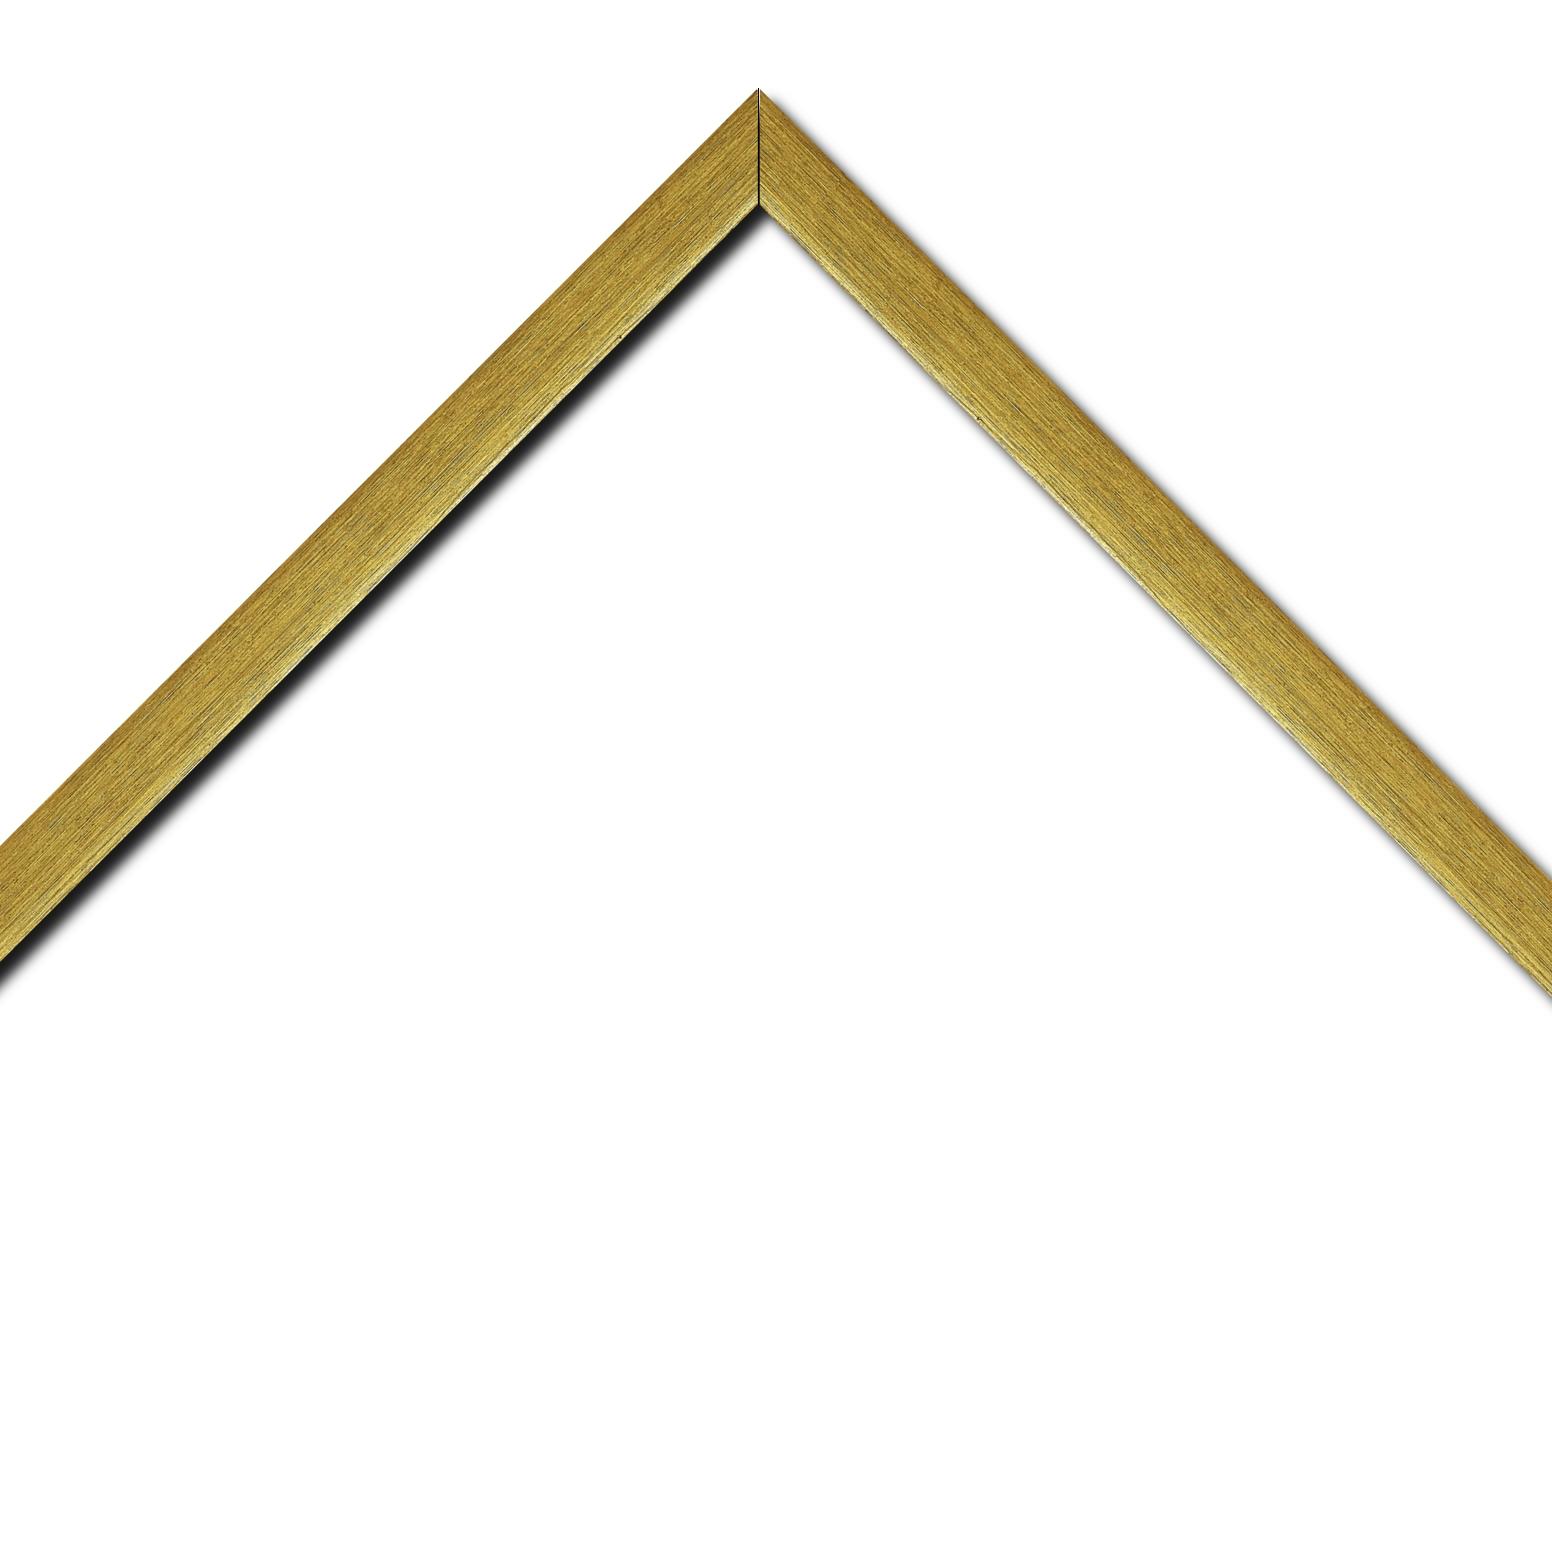 Baguette bois profil plat effet cube largeur 2cm or contemporain satiné haut de gamme